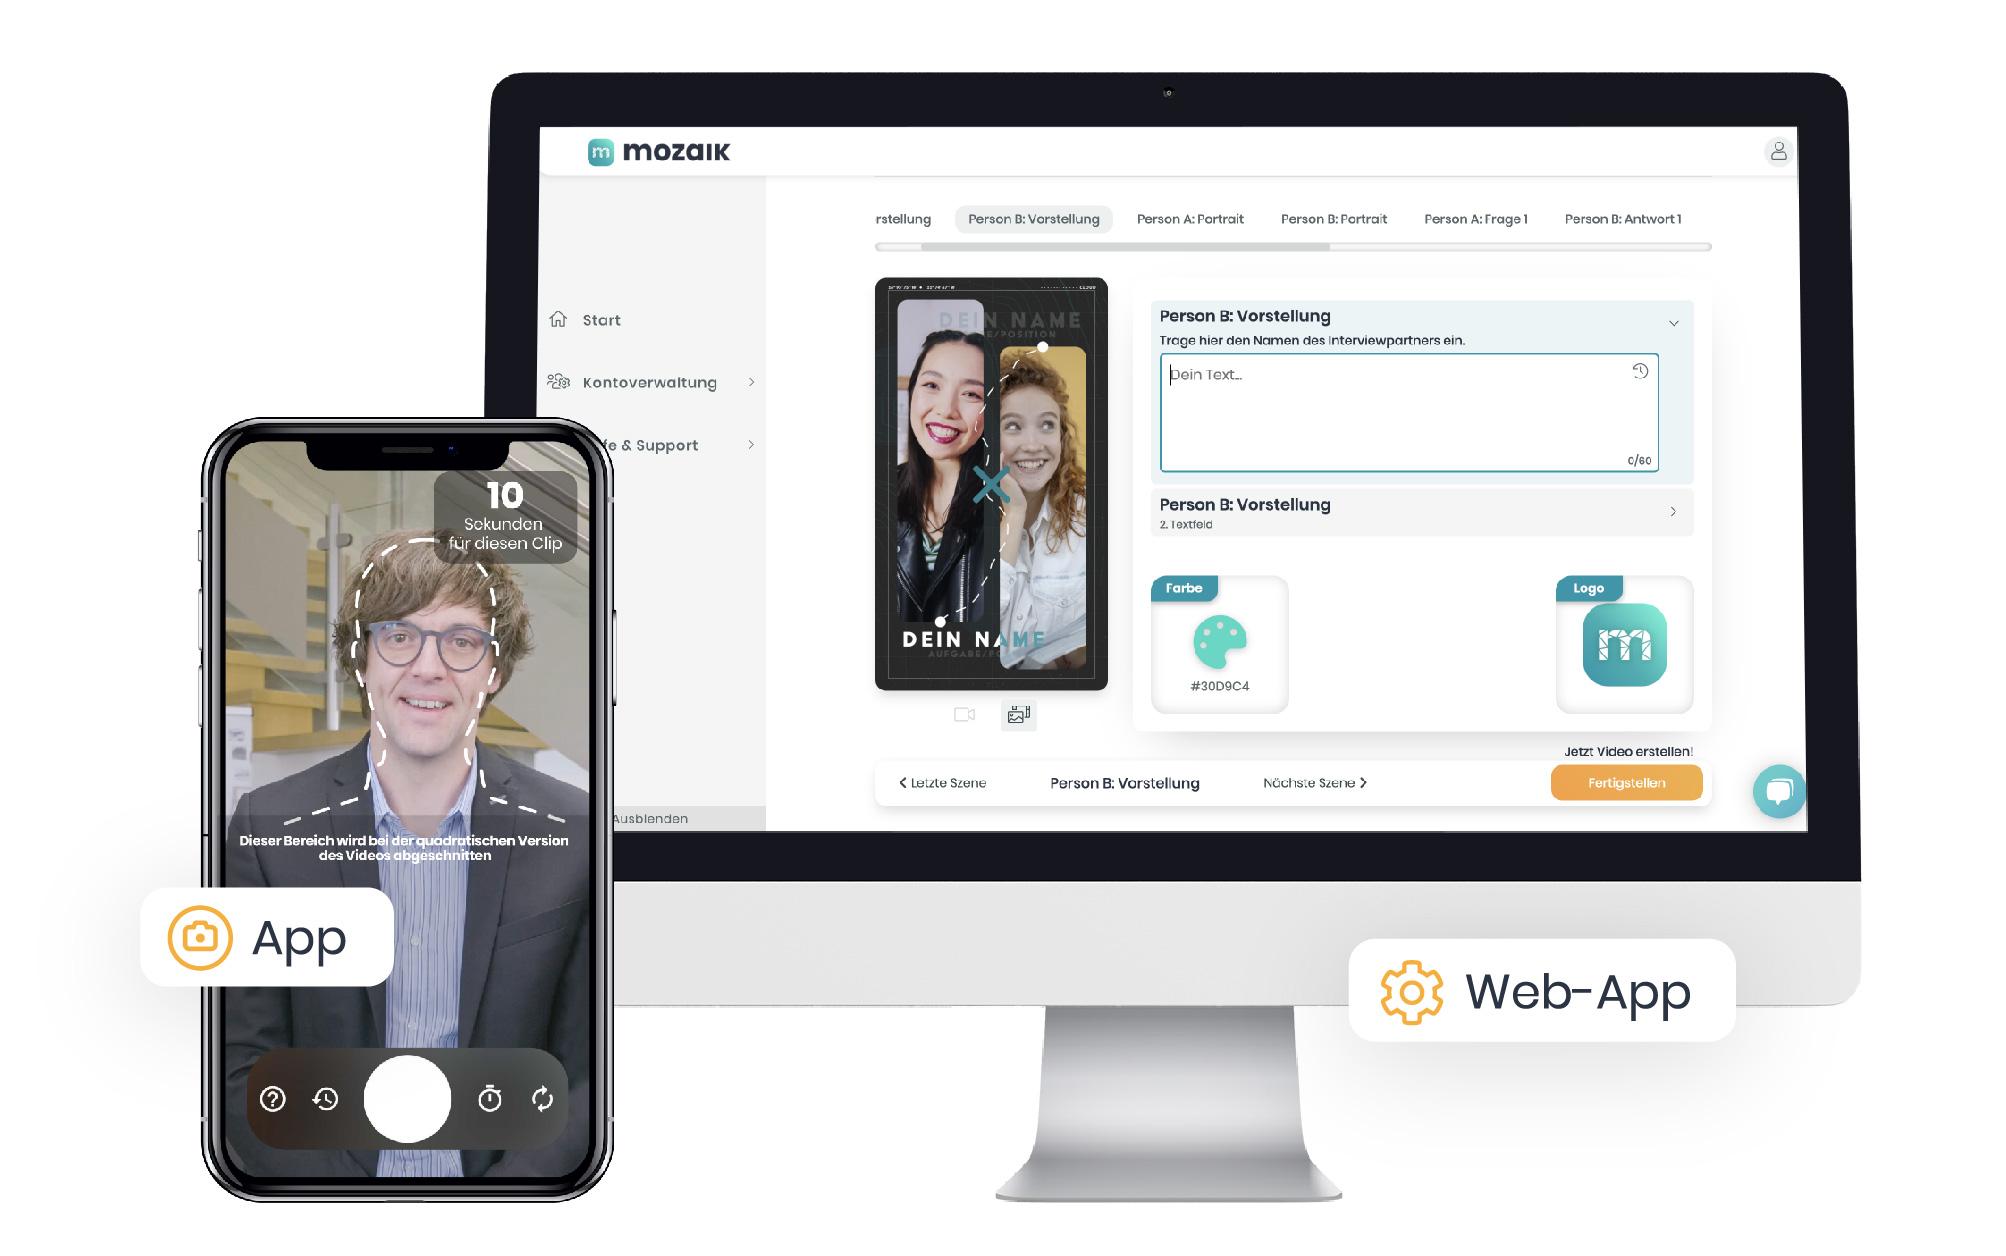 Mozaik App und Web-App - unkompliziert von verschiedenen Geräten aus an einem Videoprojekt arbeiten